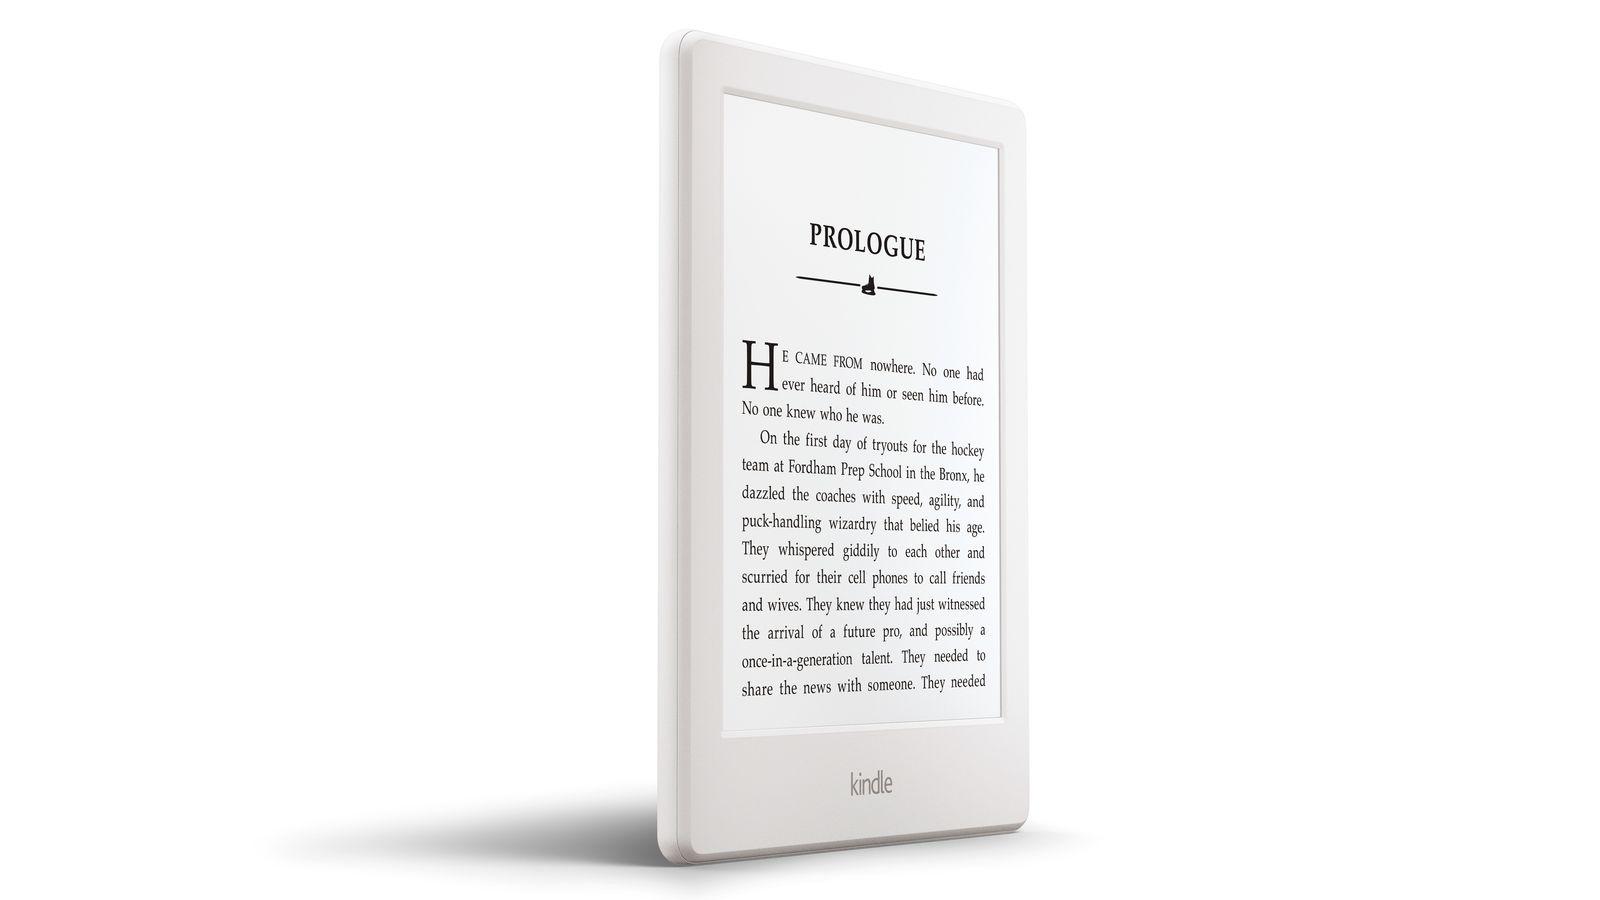 Amazon ofrece nuevo Kindle para su público lector